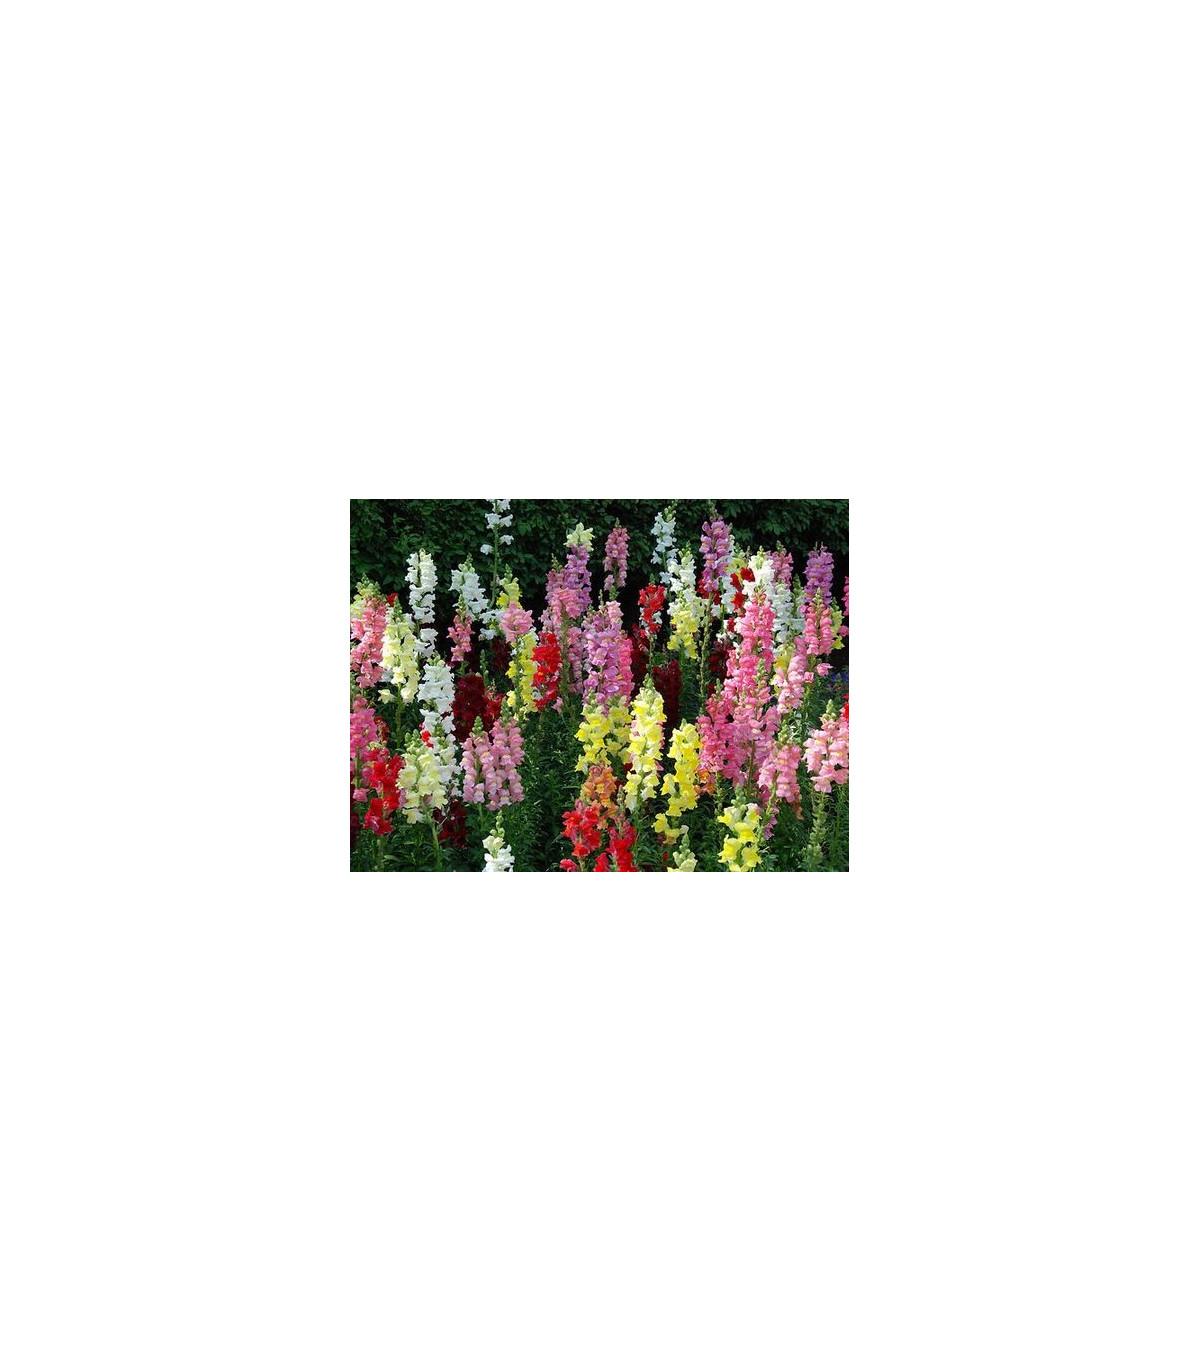 Papuľka väčšia - Antirrhinum majus - semená papuľky - semiačka - 0,2 g